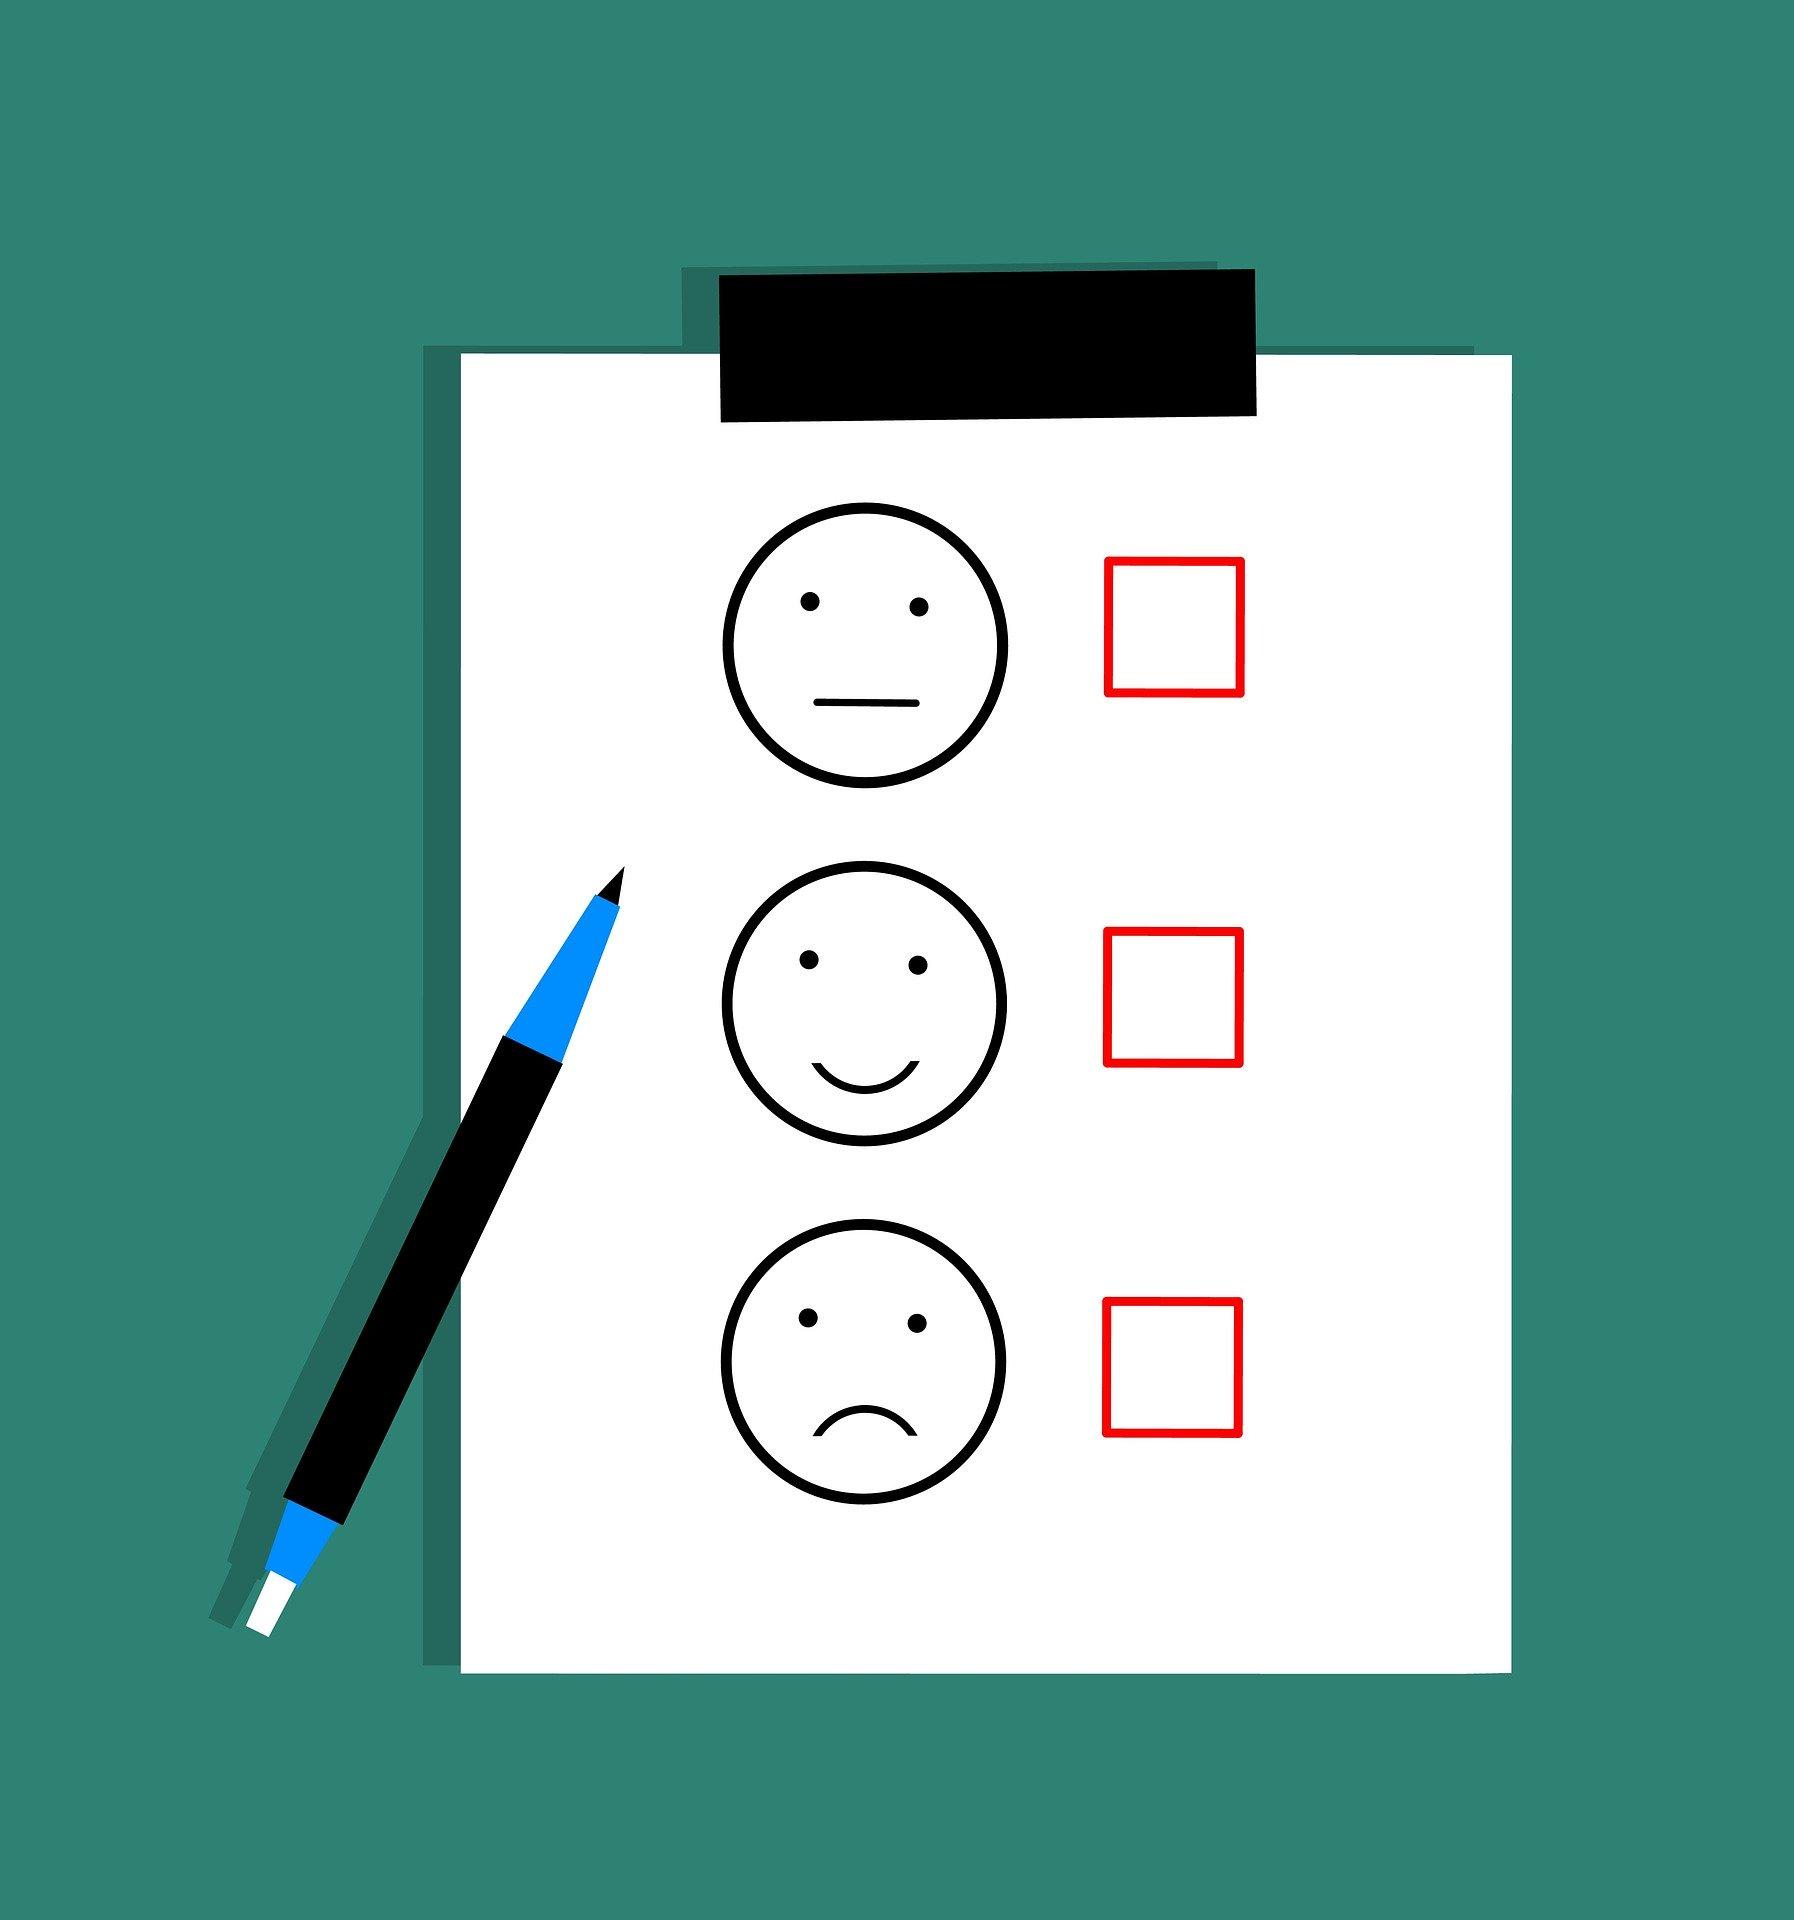 Ein Kuli und ein Klemmbrett sind zu sehen. Auf dem Klemmbrett sind drei Emojis zu sehen: Der obere mit mittelmäßigem Gesichtsausdruck, der mittlere mit zufriedenem und der untere mit unzufriedenem Gesichtsausdruck. Daneben ist jeweils ein Auswahlfeld.